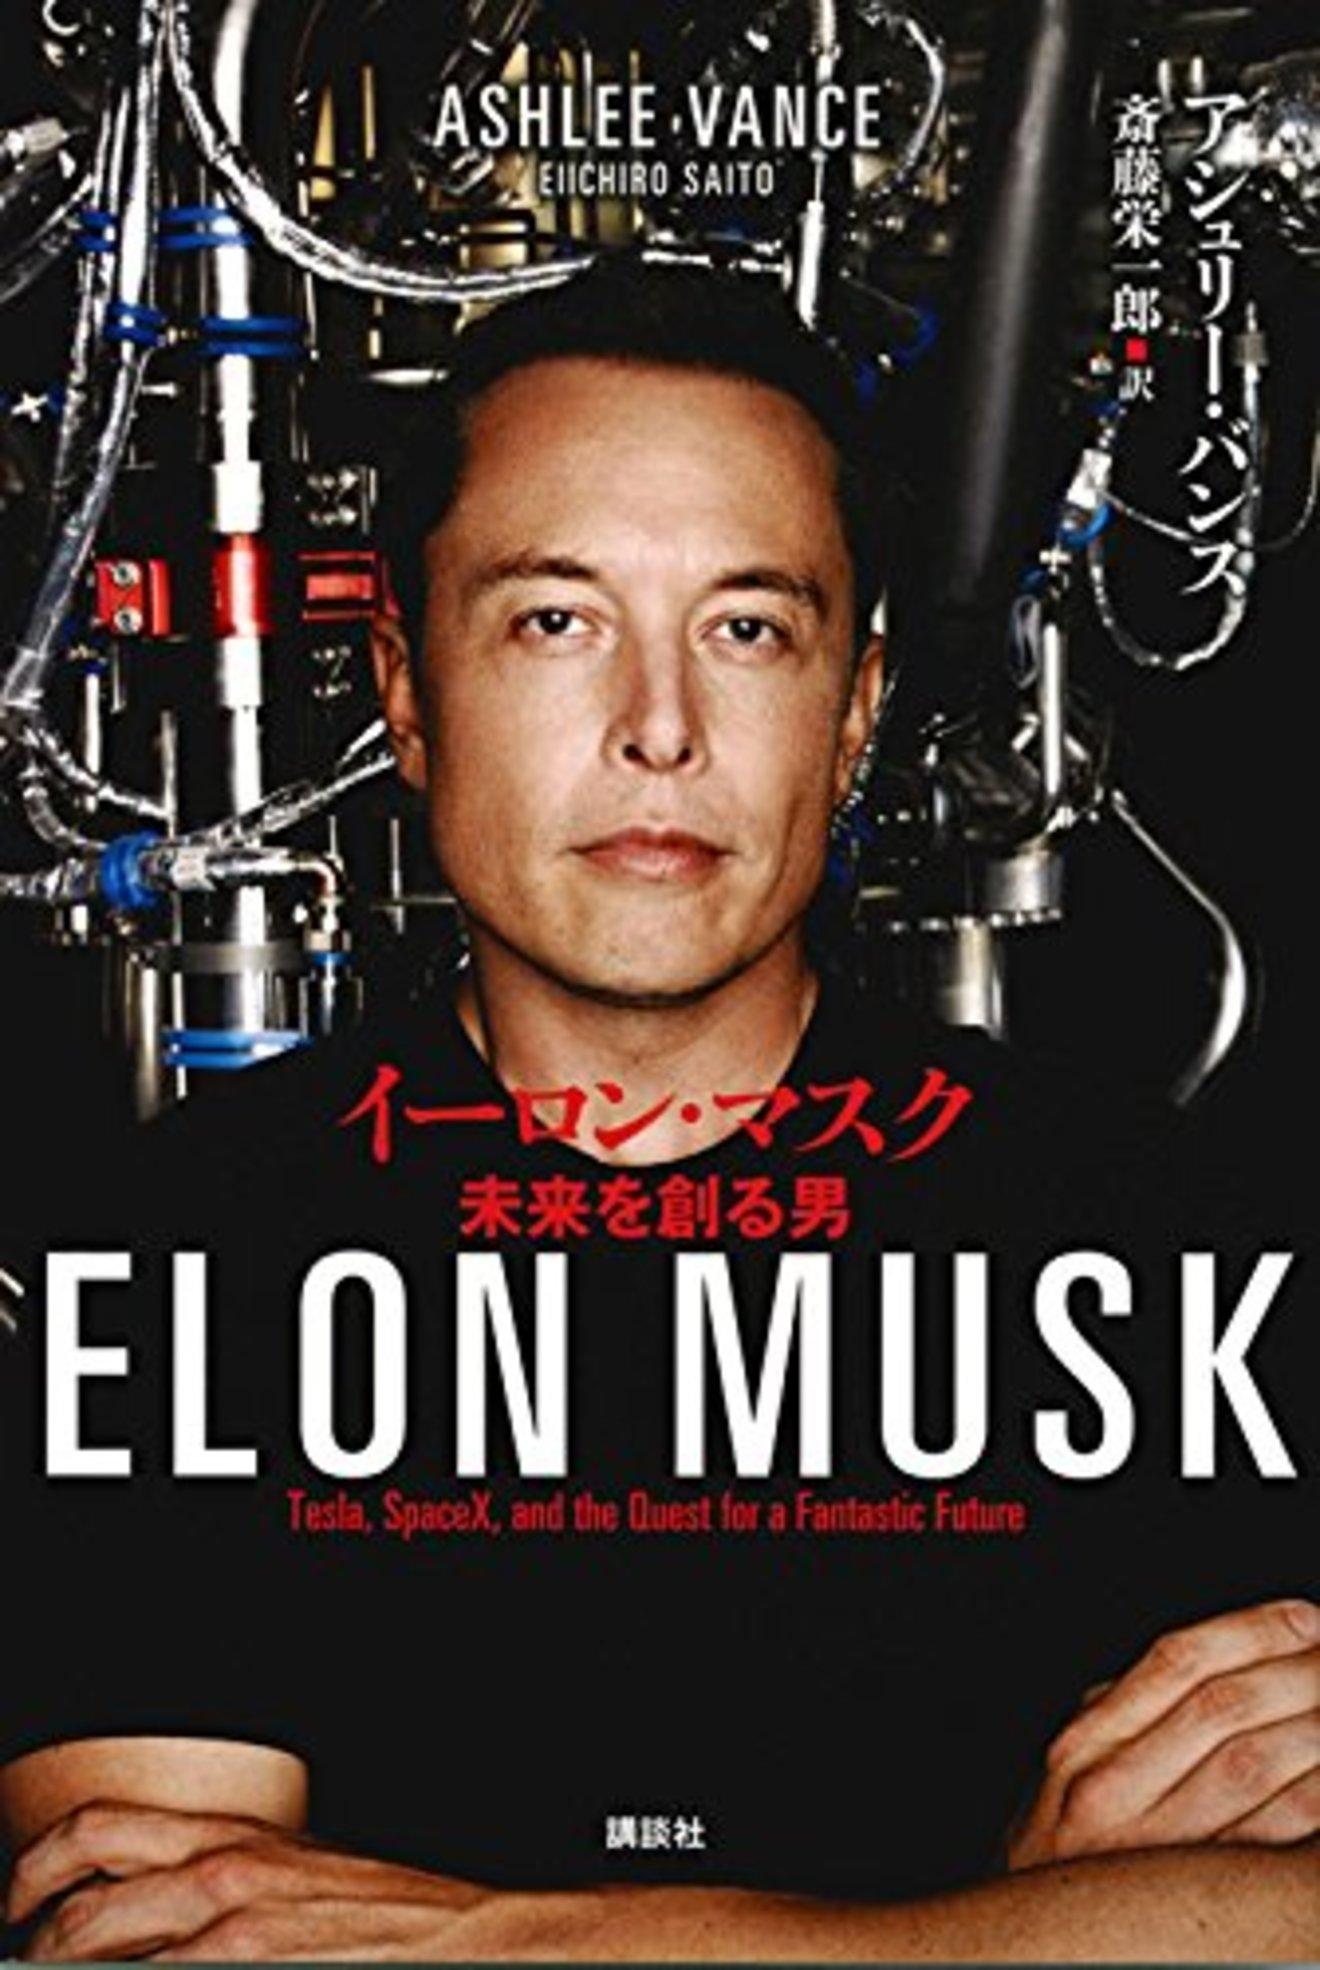 イーロン・マスクの本おすすめ4選!壮大な夢を実現させる世界最高の起業家